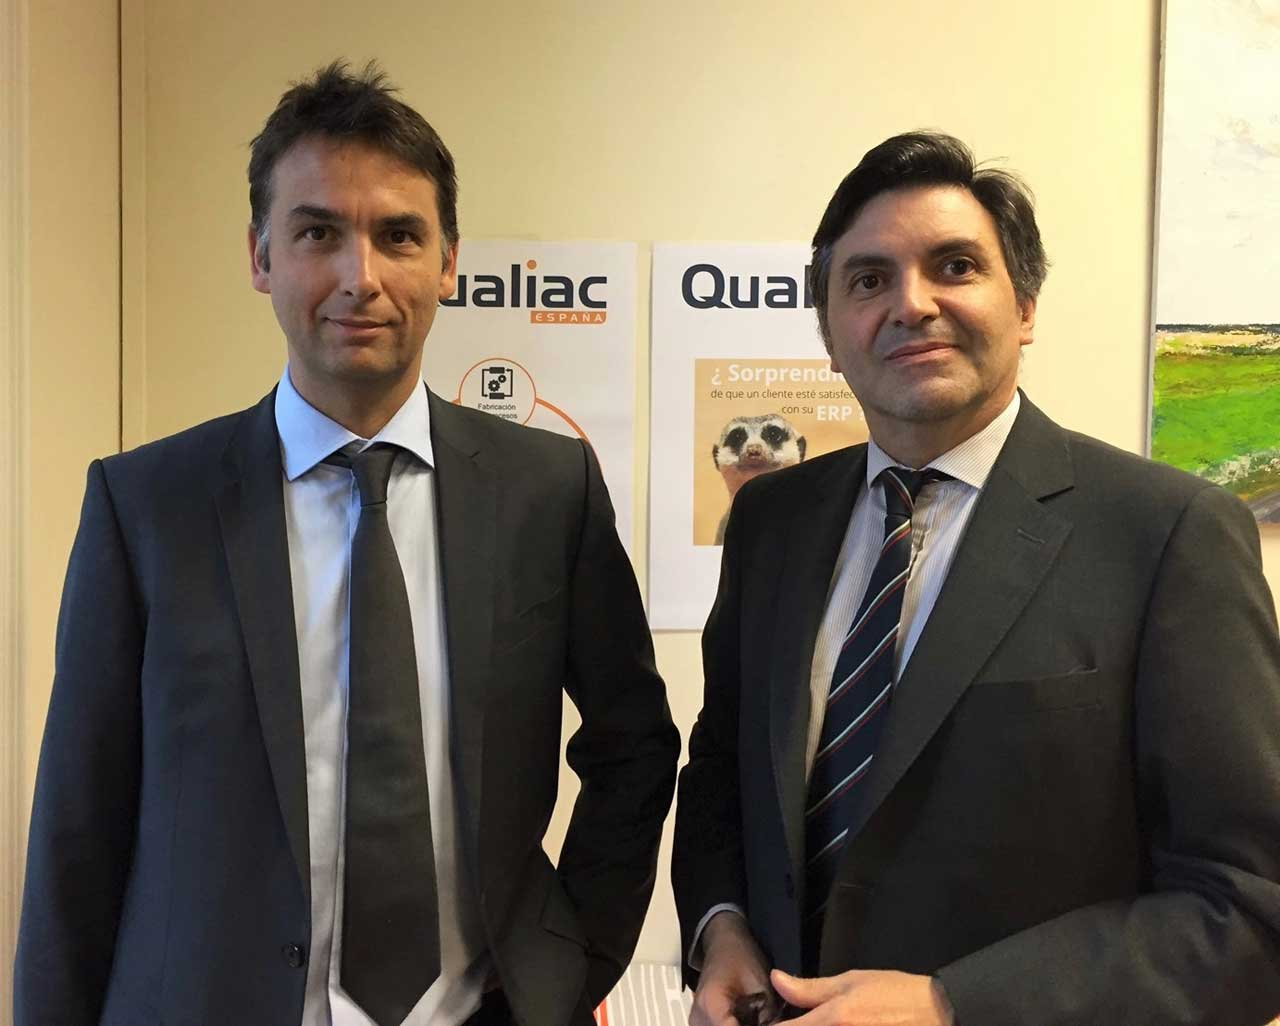 Permitirá a Oui Global utilizar el ERP de Qualiac en modo SaaS para dar servicio a sus clientes